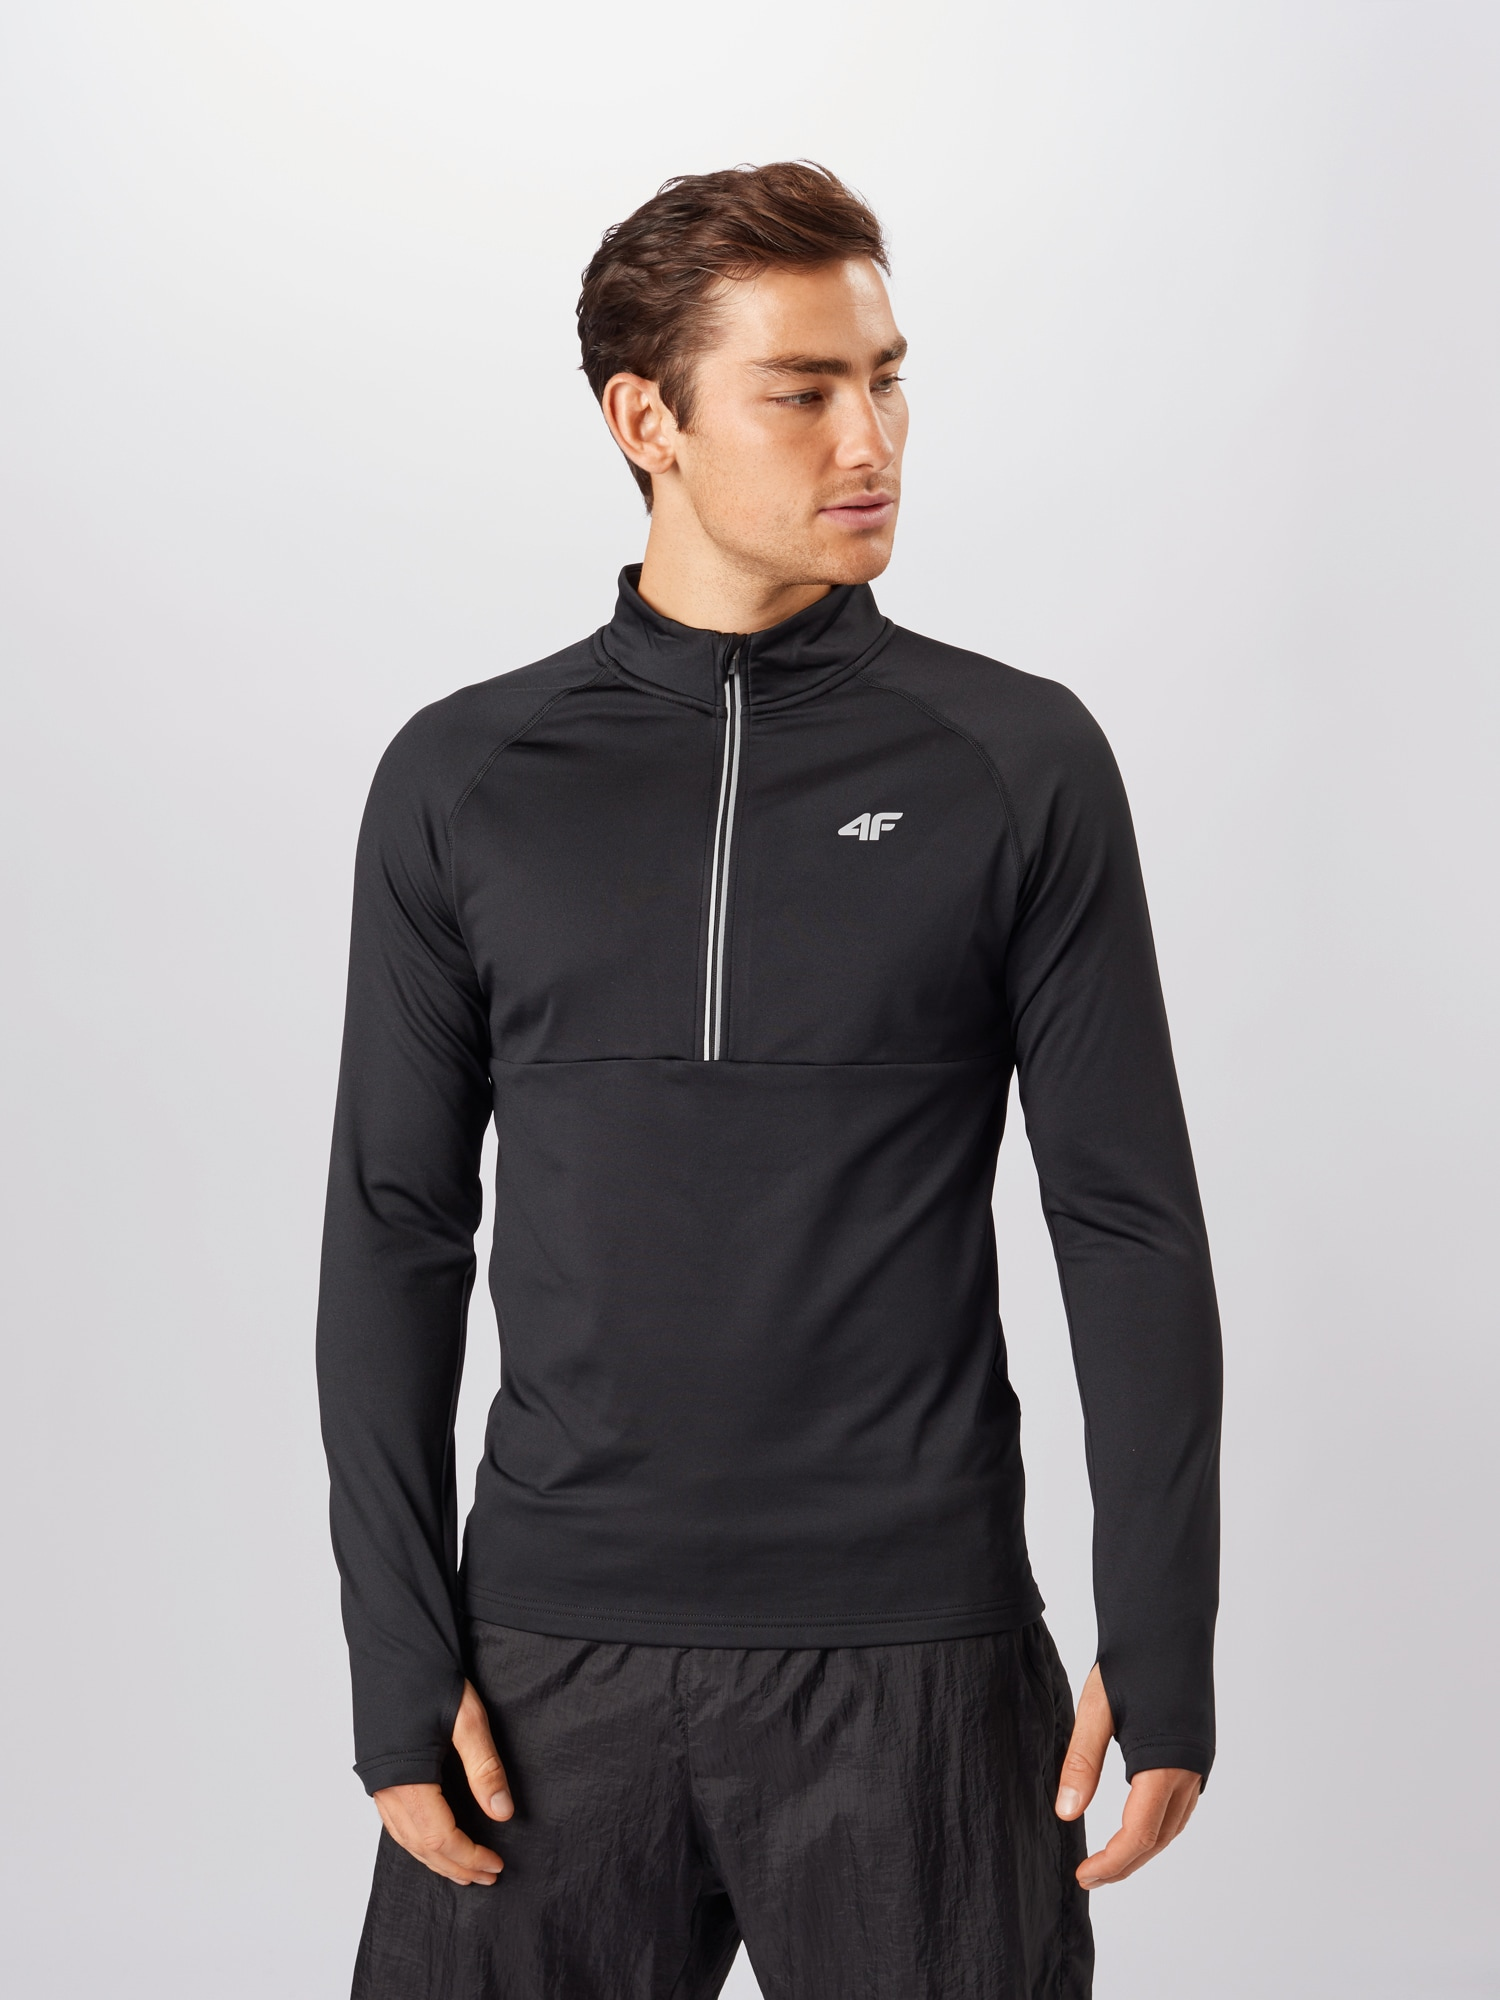 4F Sport sweatshirt  svart / vit